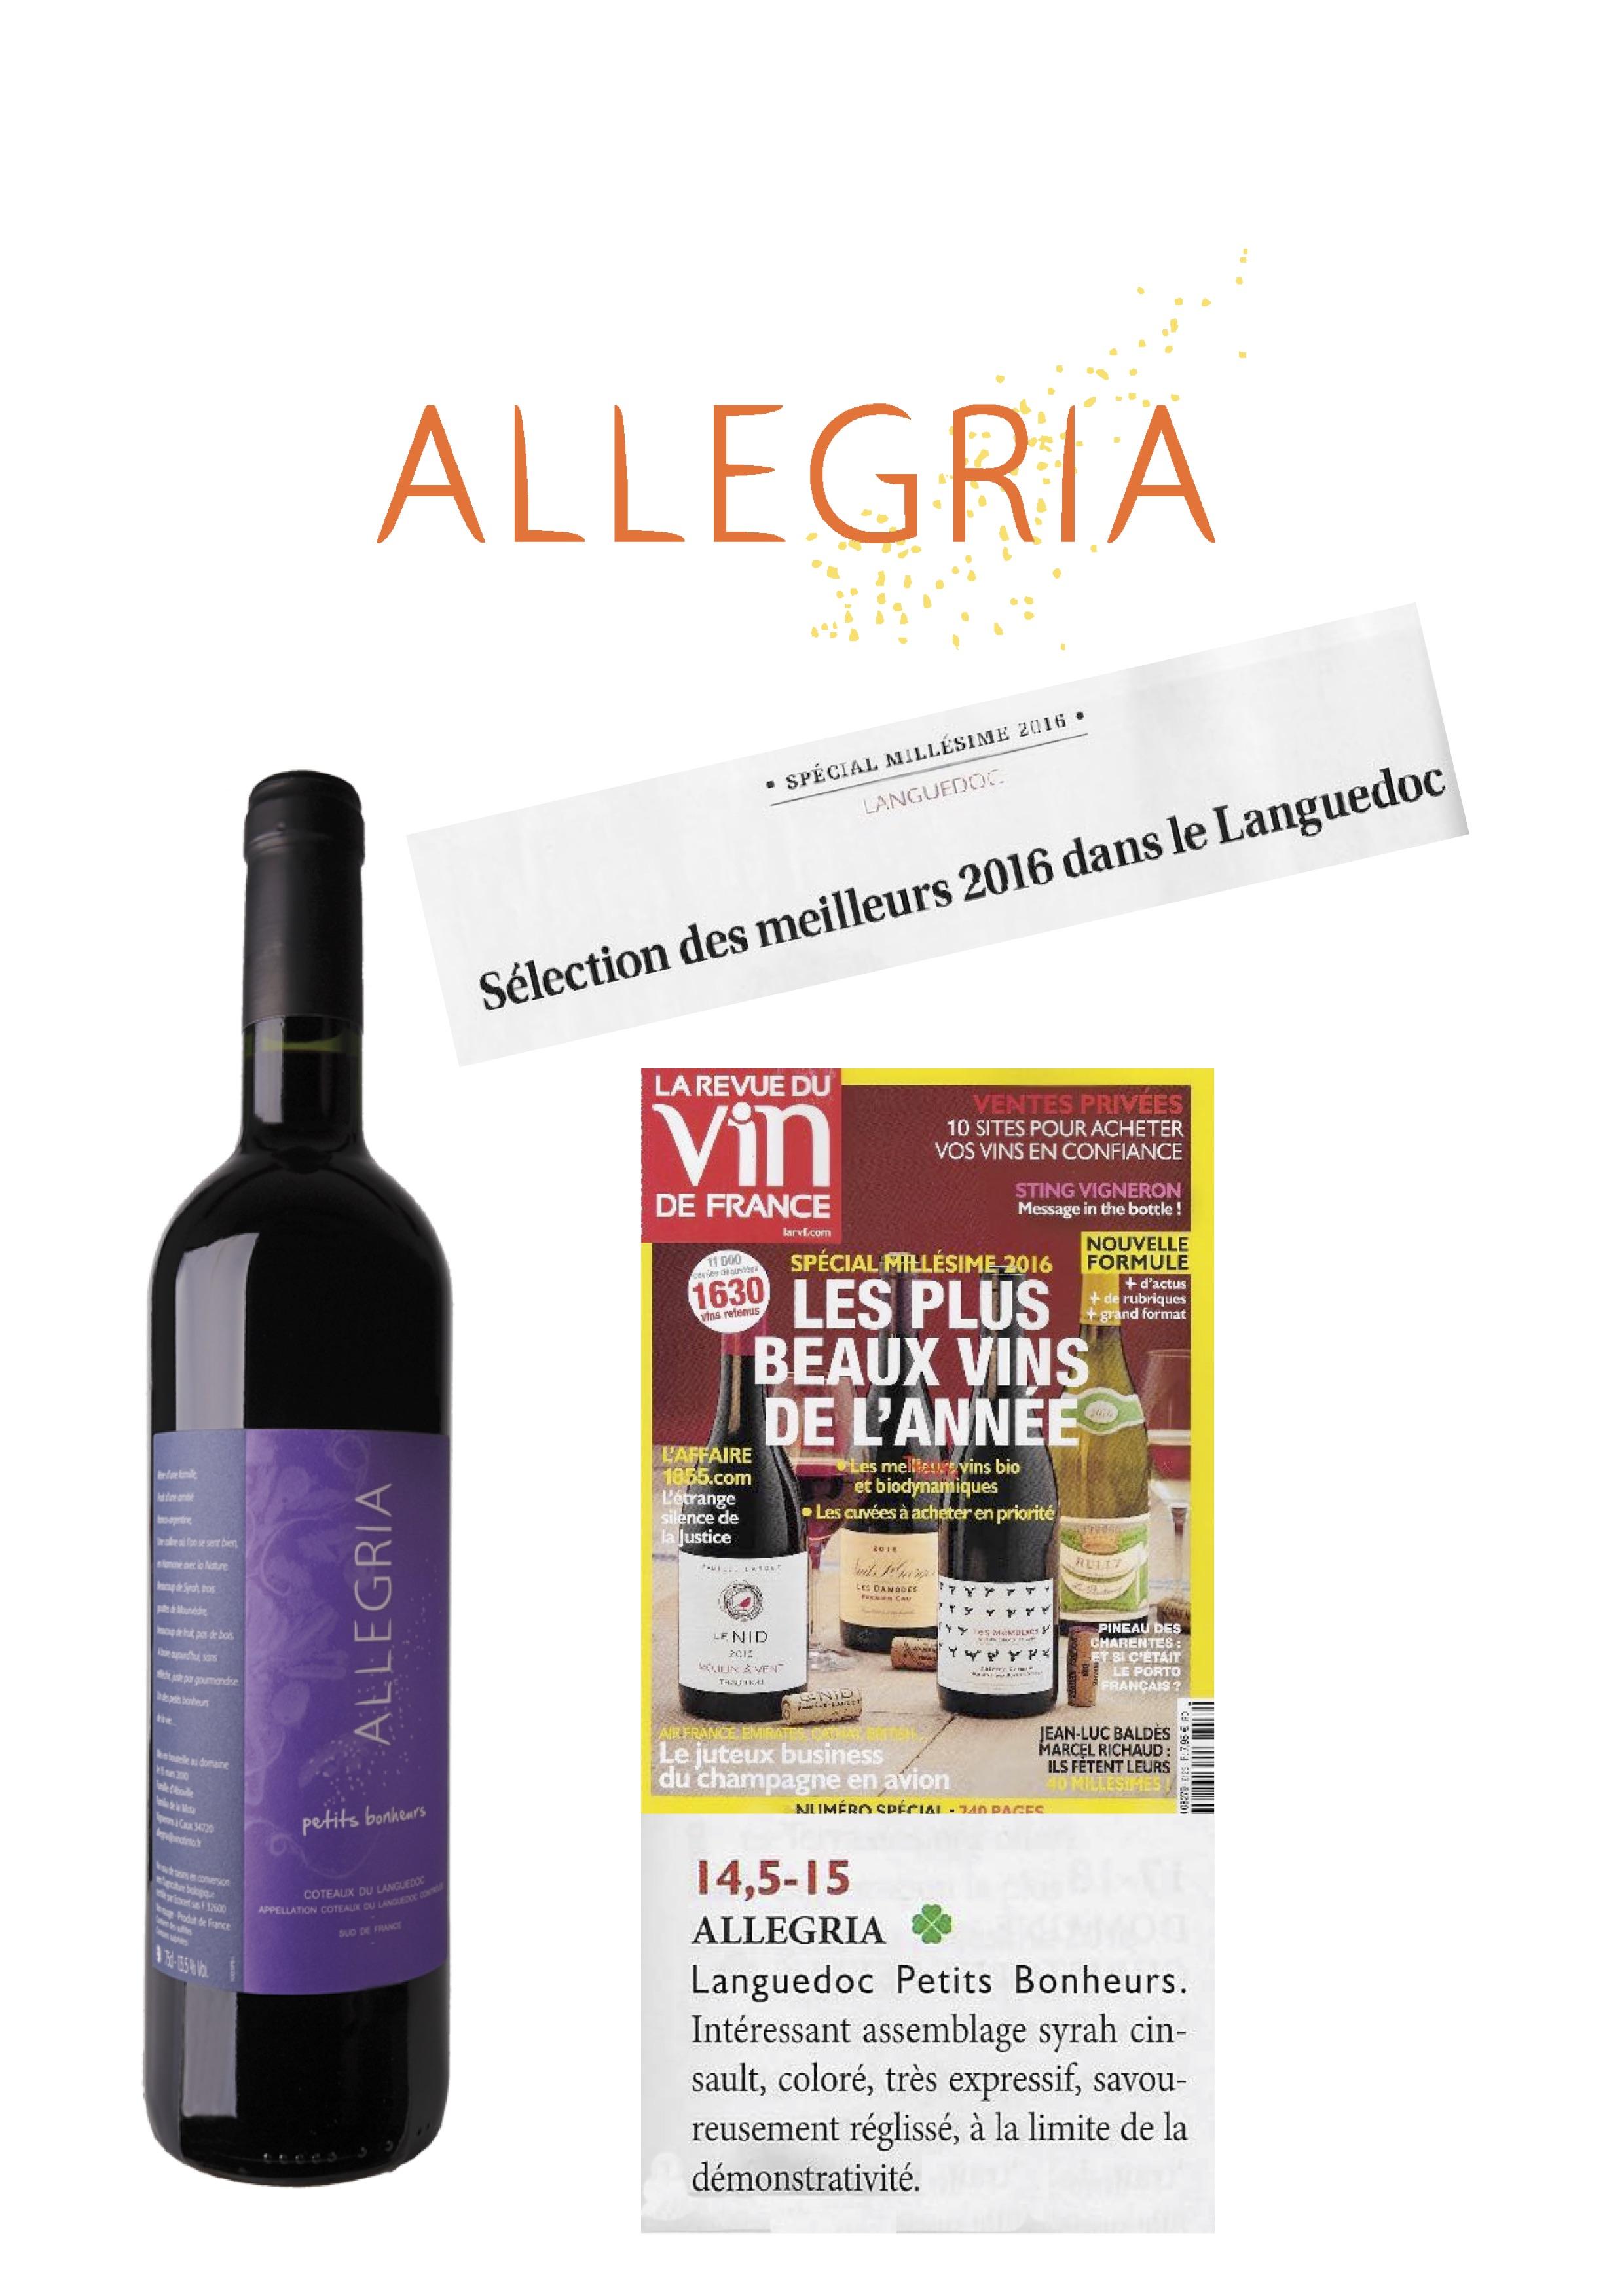 Allegria Petits Bonheurs 2016 sélectionné par la Revue du Vin deFrance